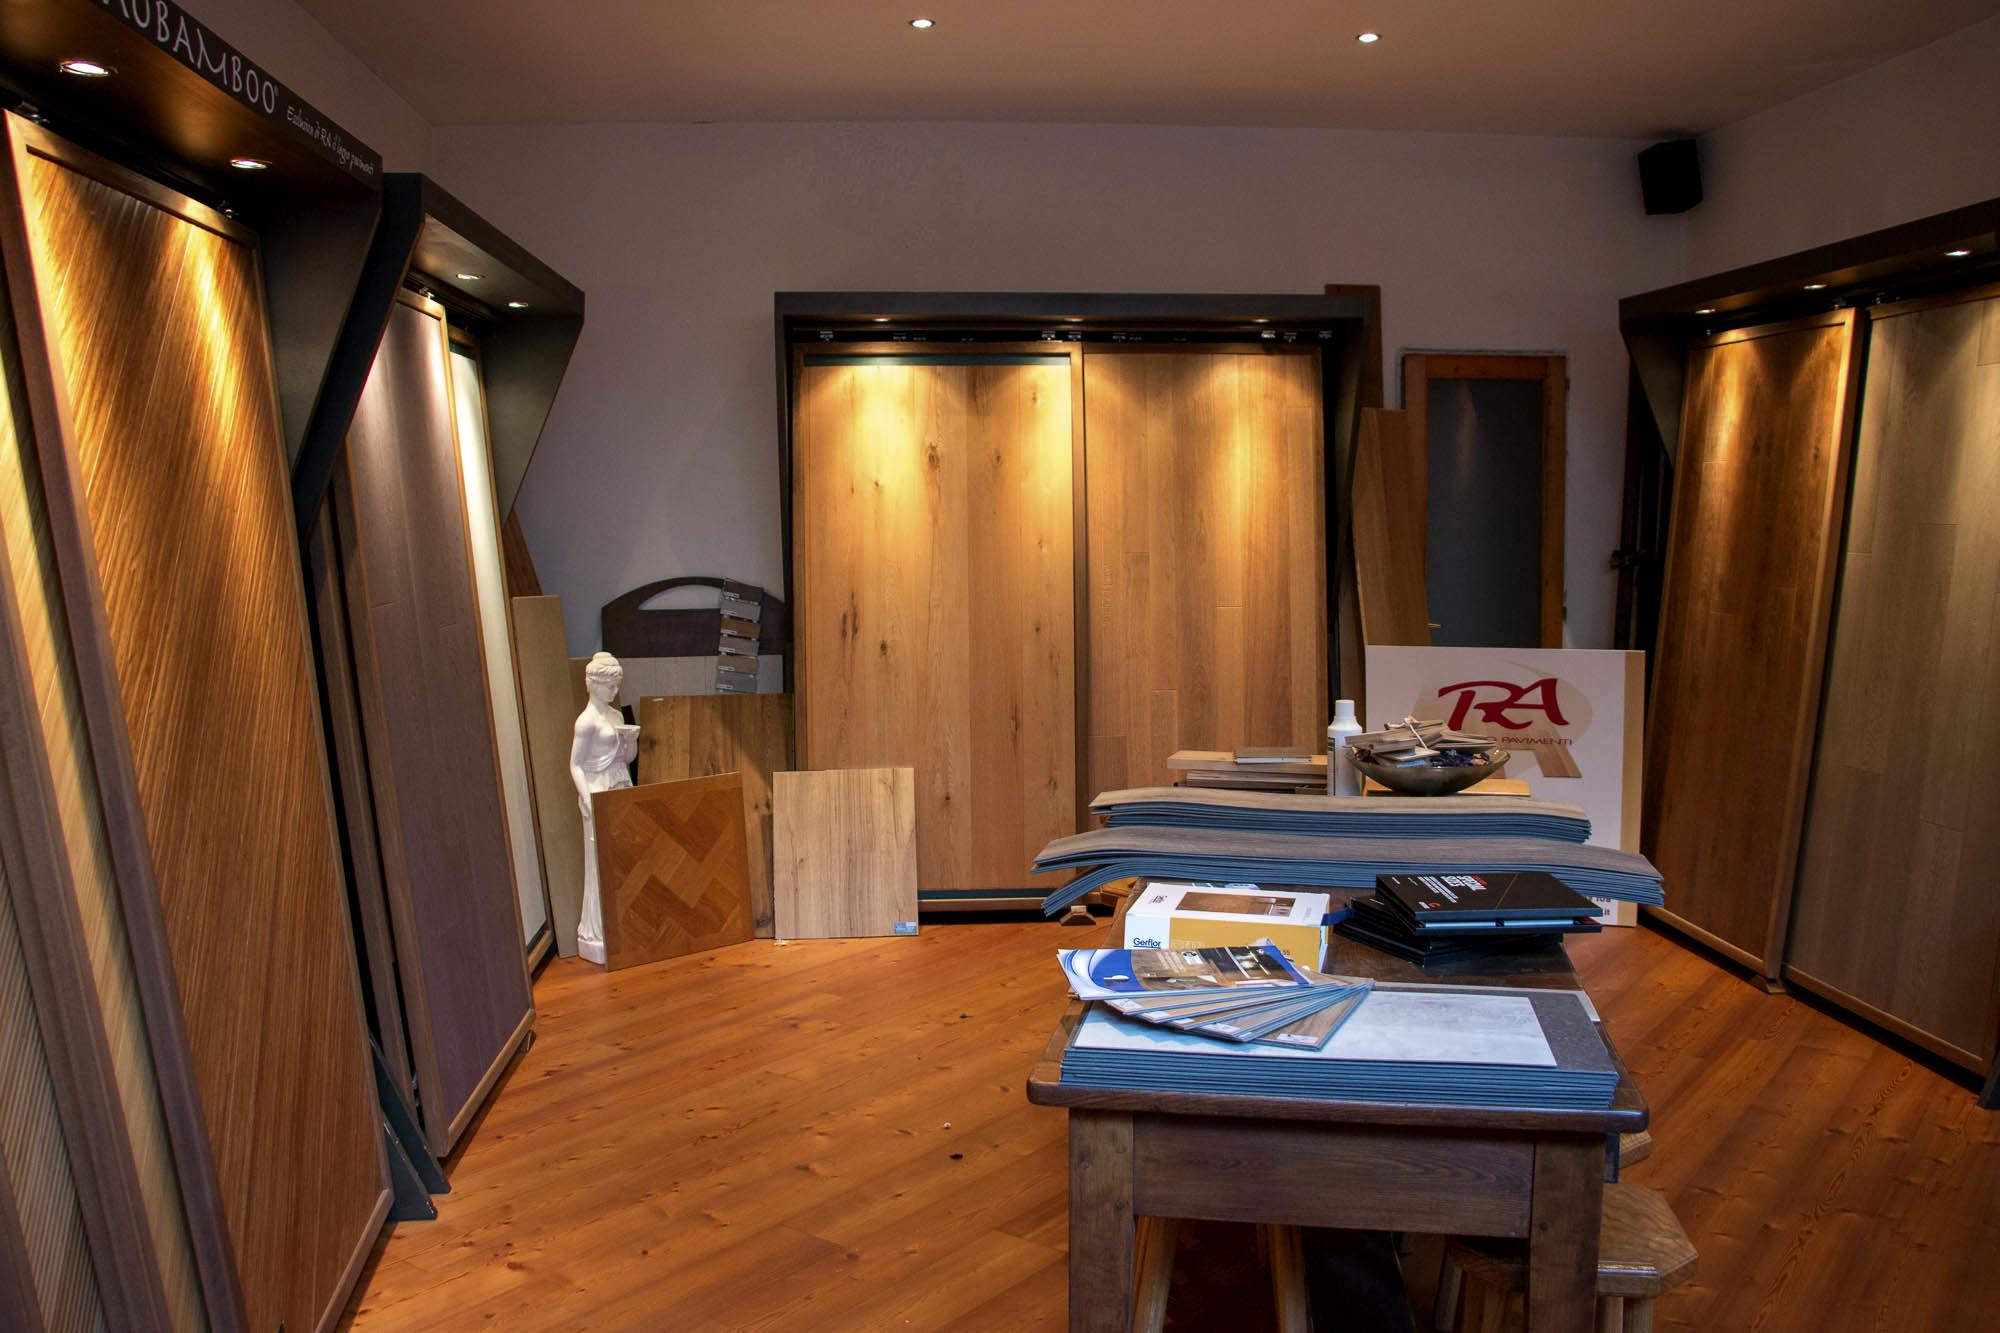 showroom ra legno pavimenti parquet borgosesia posa pavimenti porte legno